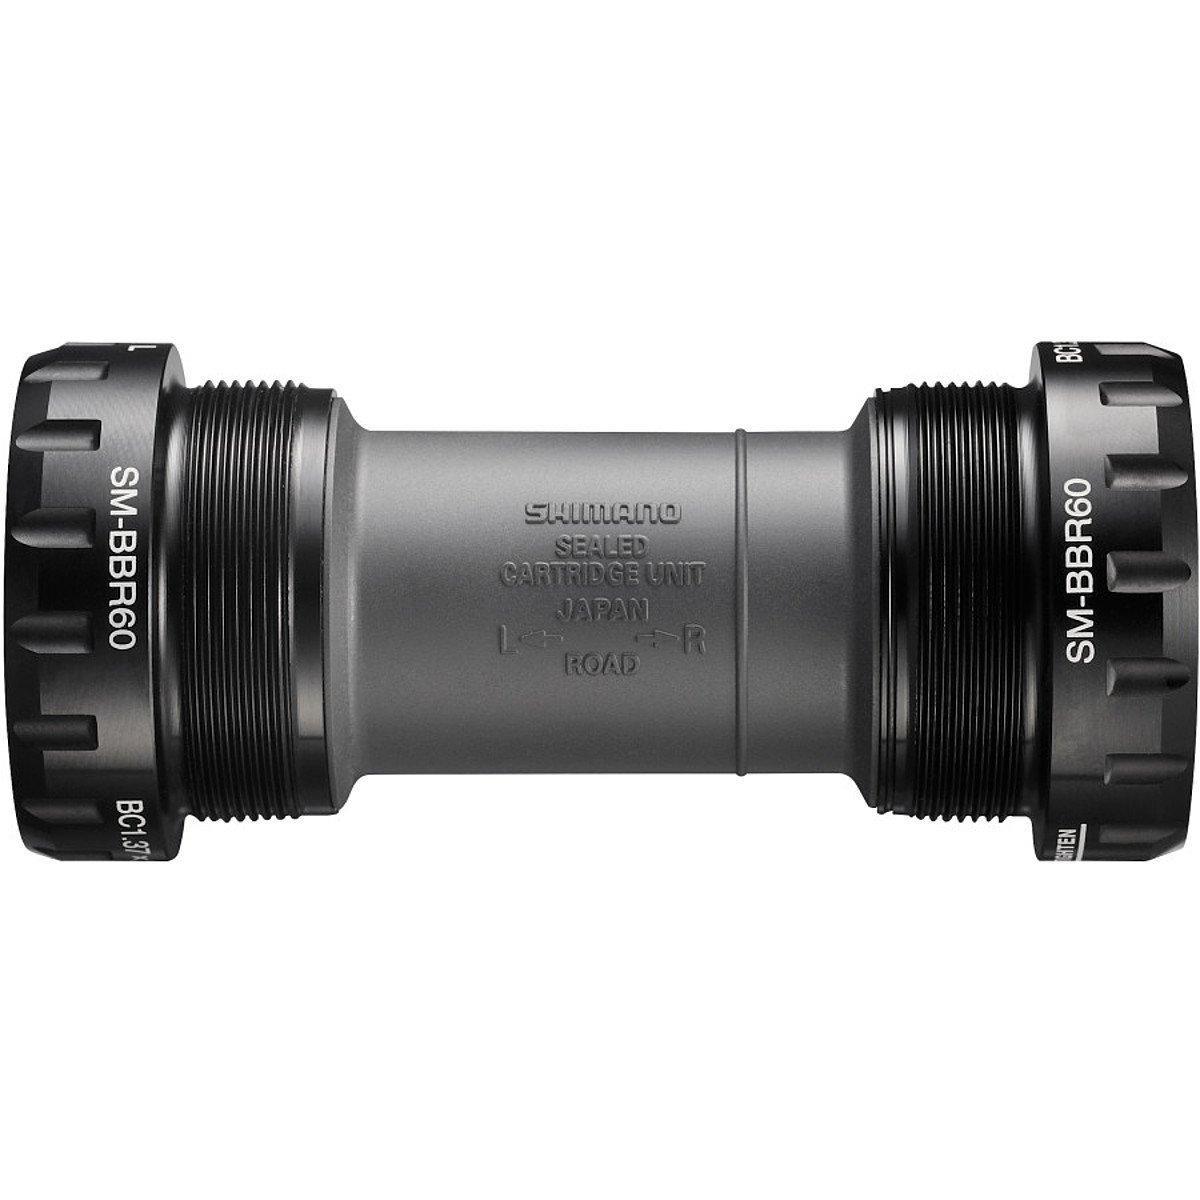 BB-MT800 Black New Shimano TL-FC25 Bottom Bracket Tool Adapter fit SM-BBR60